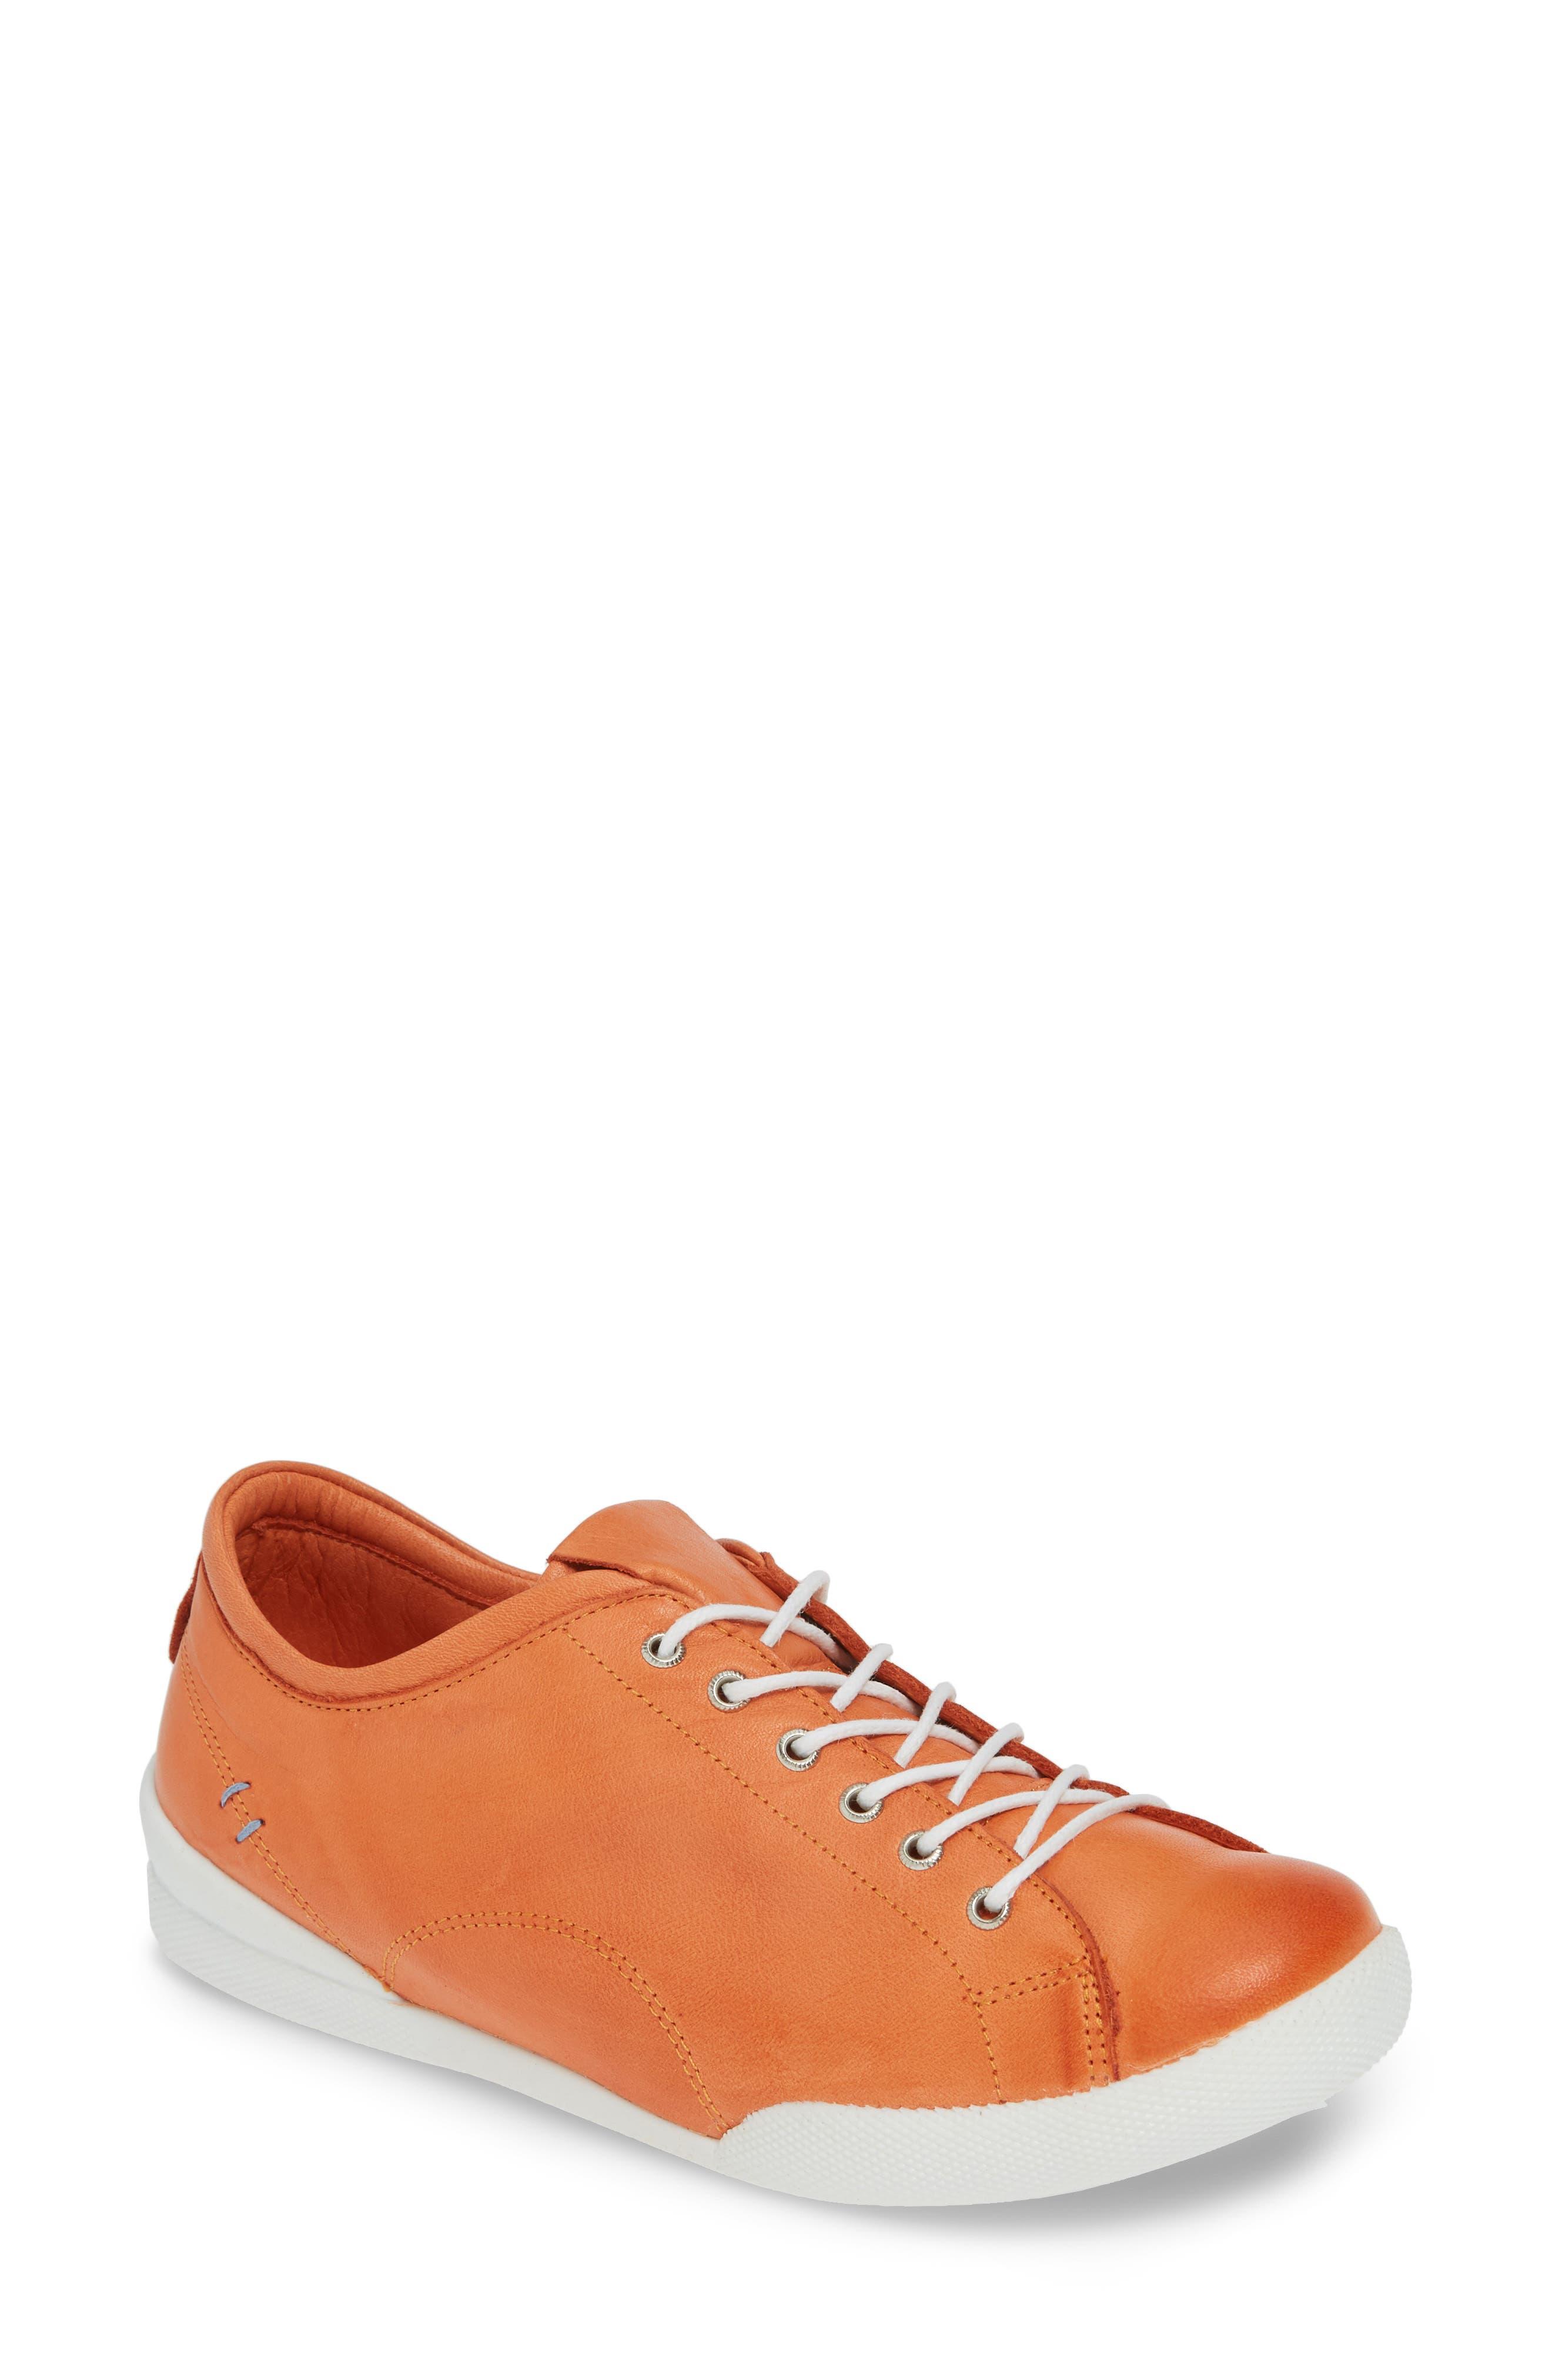 Sheridan Mia Abbey 2 Sneaker - Orange